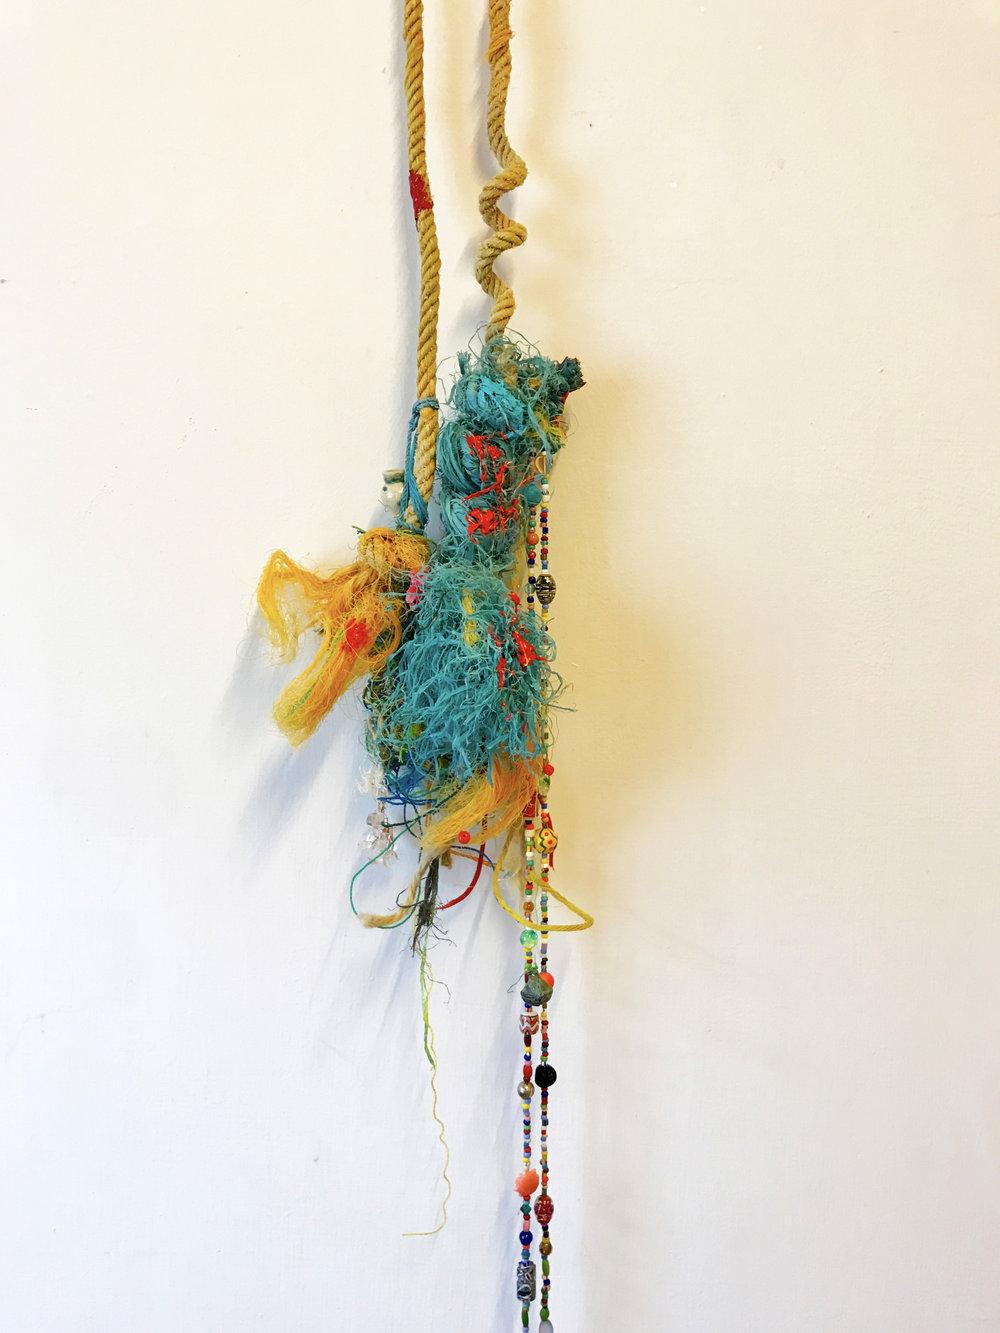 〈祈禱之珠 #2|Prayer Beads #2〉,2018